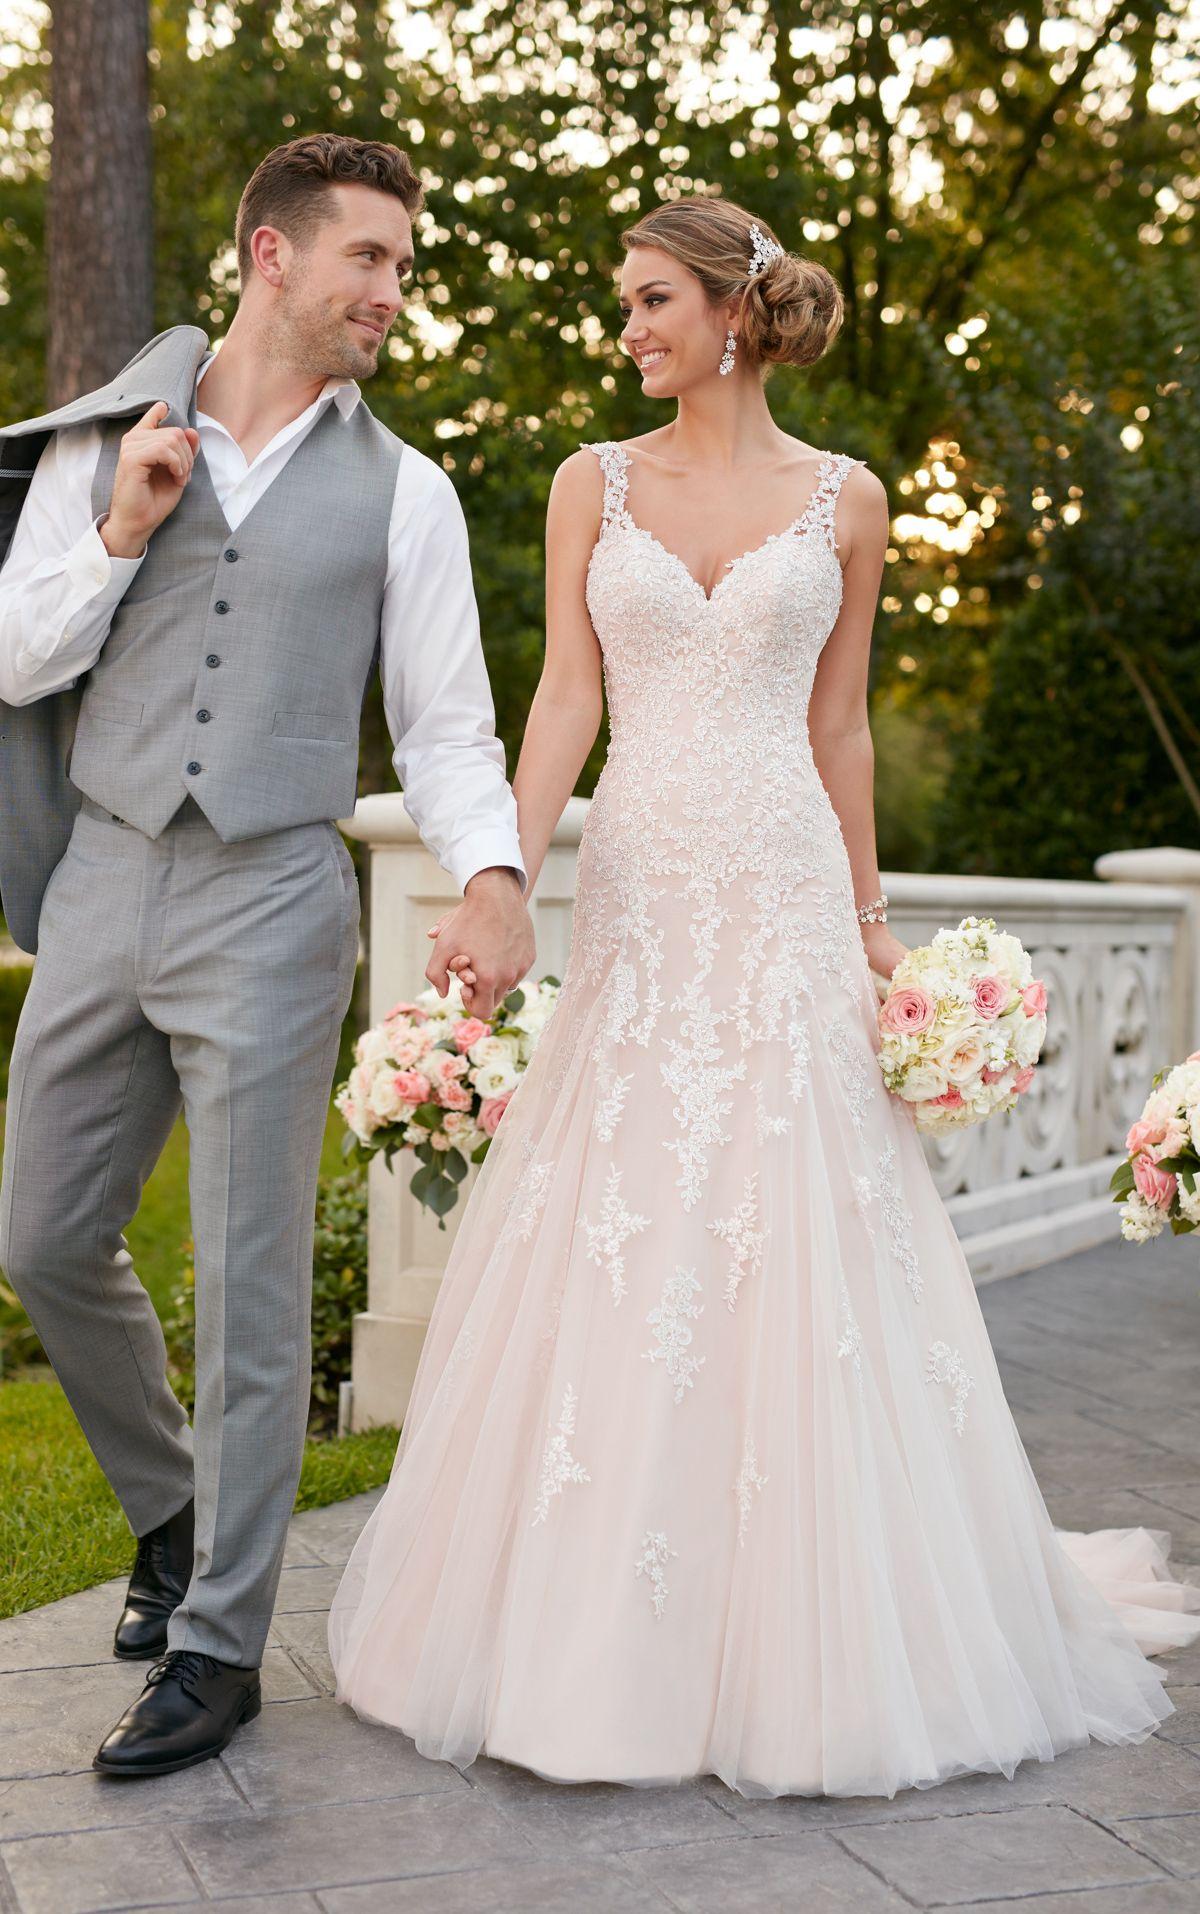 Brautkleid aus glitzernder silberner spitze